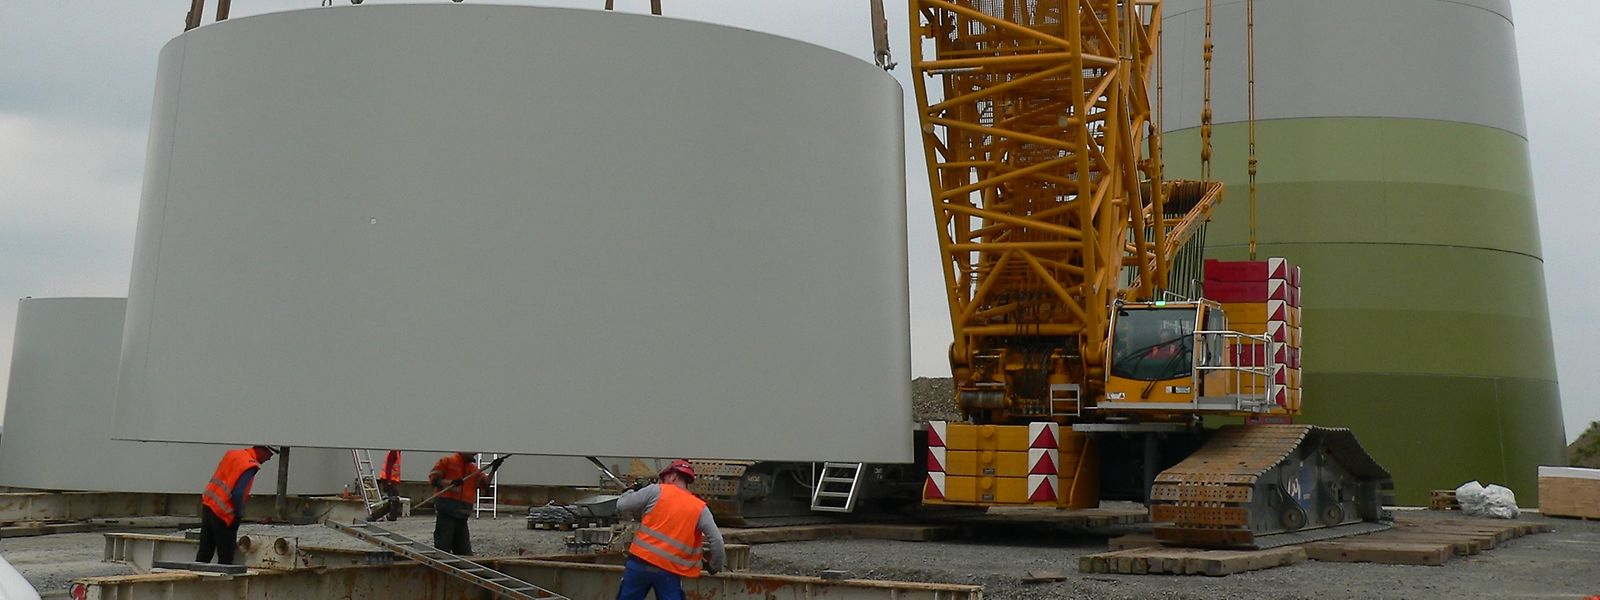 Bei Hoscheid-Dickt wird zurzeit ein mehr als 138 Meter hohes Windrad errichtet.